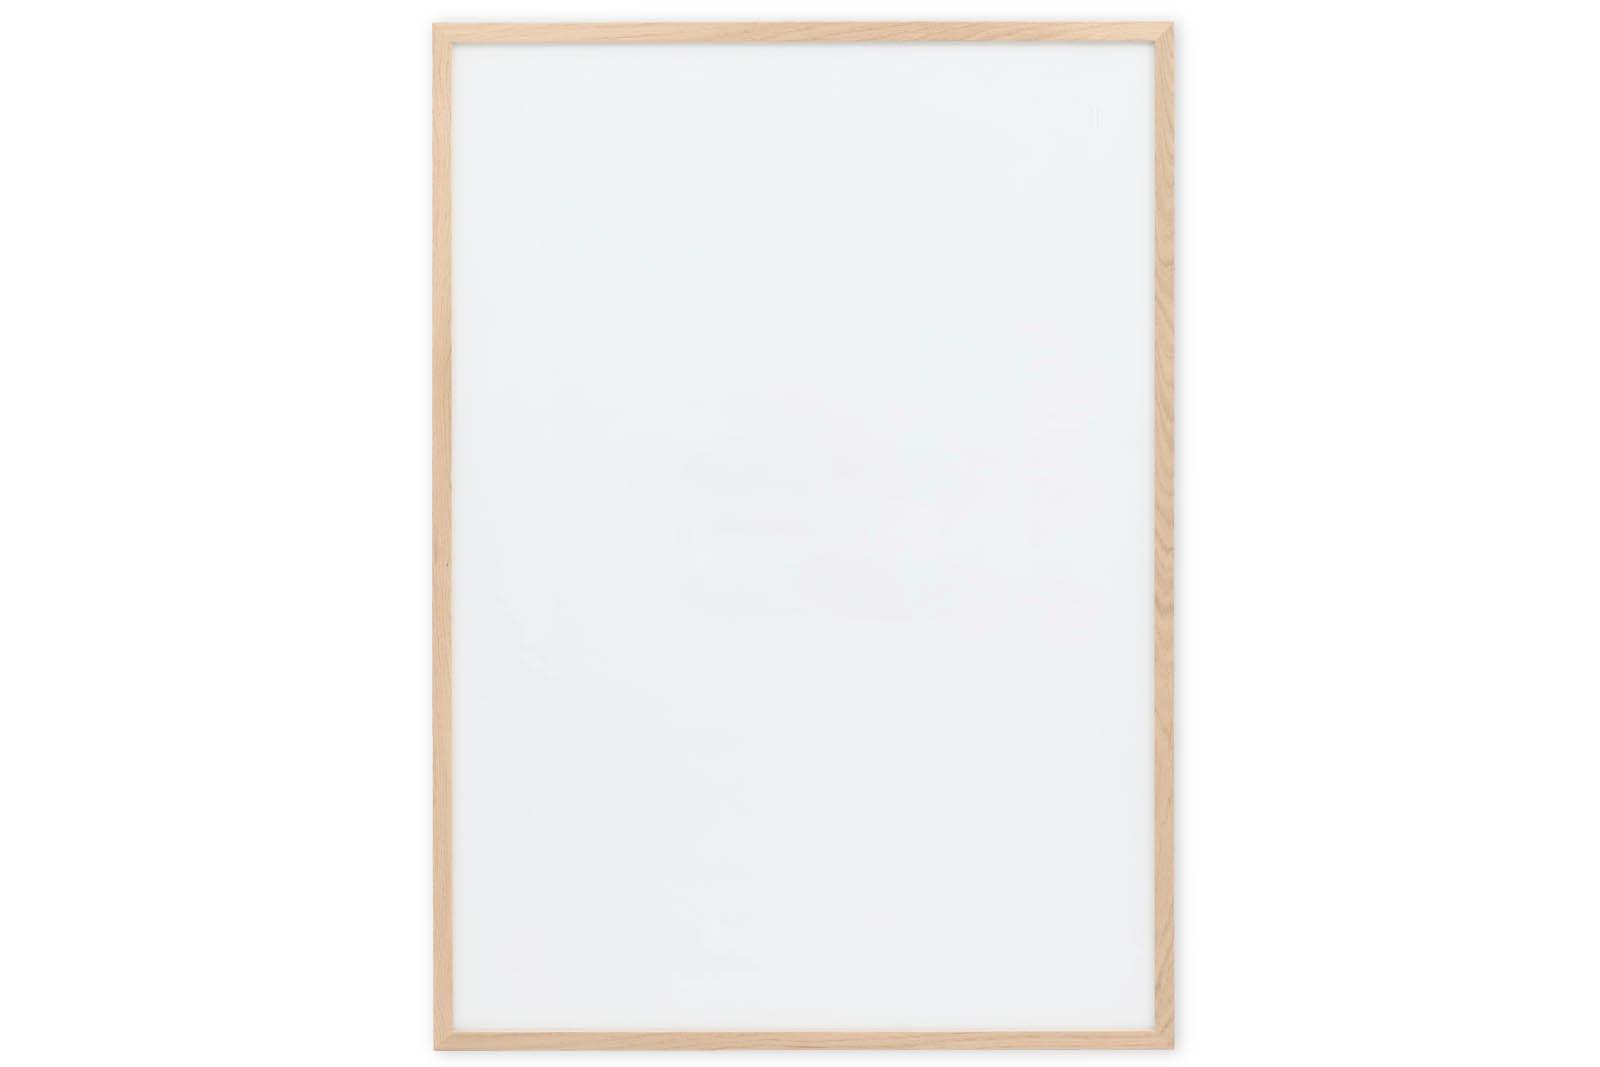 CHLOROS オーク無垢材 ナチュラルなポスターフレーム/額縁 70×100cm